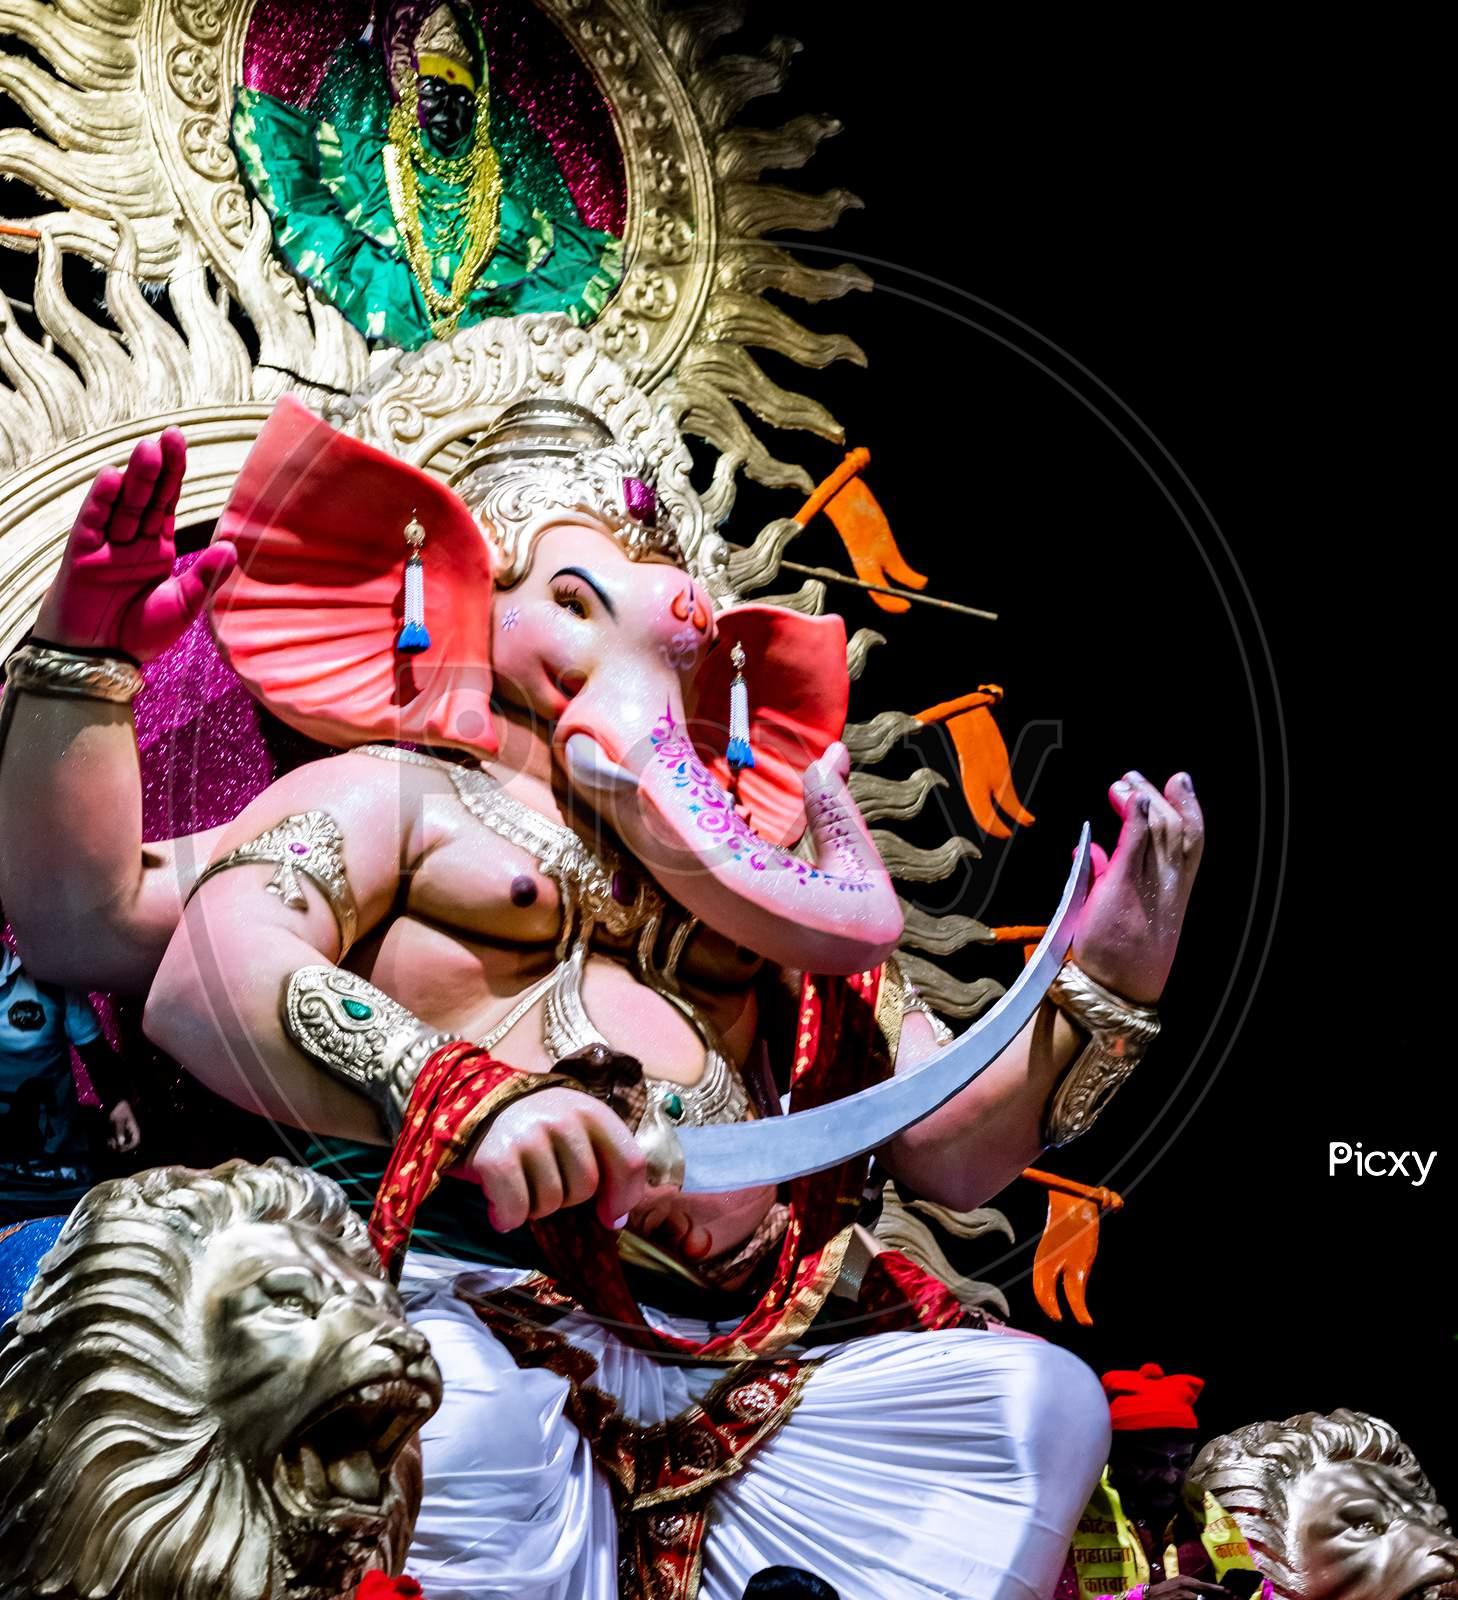 Ganesh chaturthi festival in Mumbai, India.